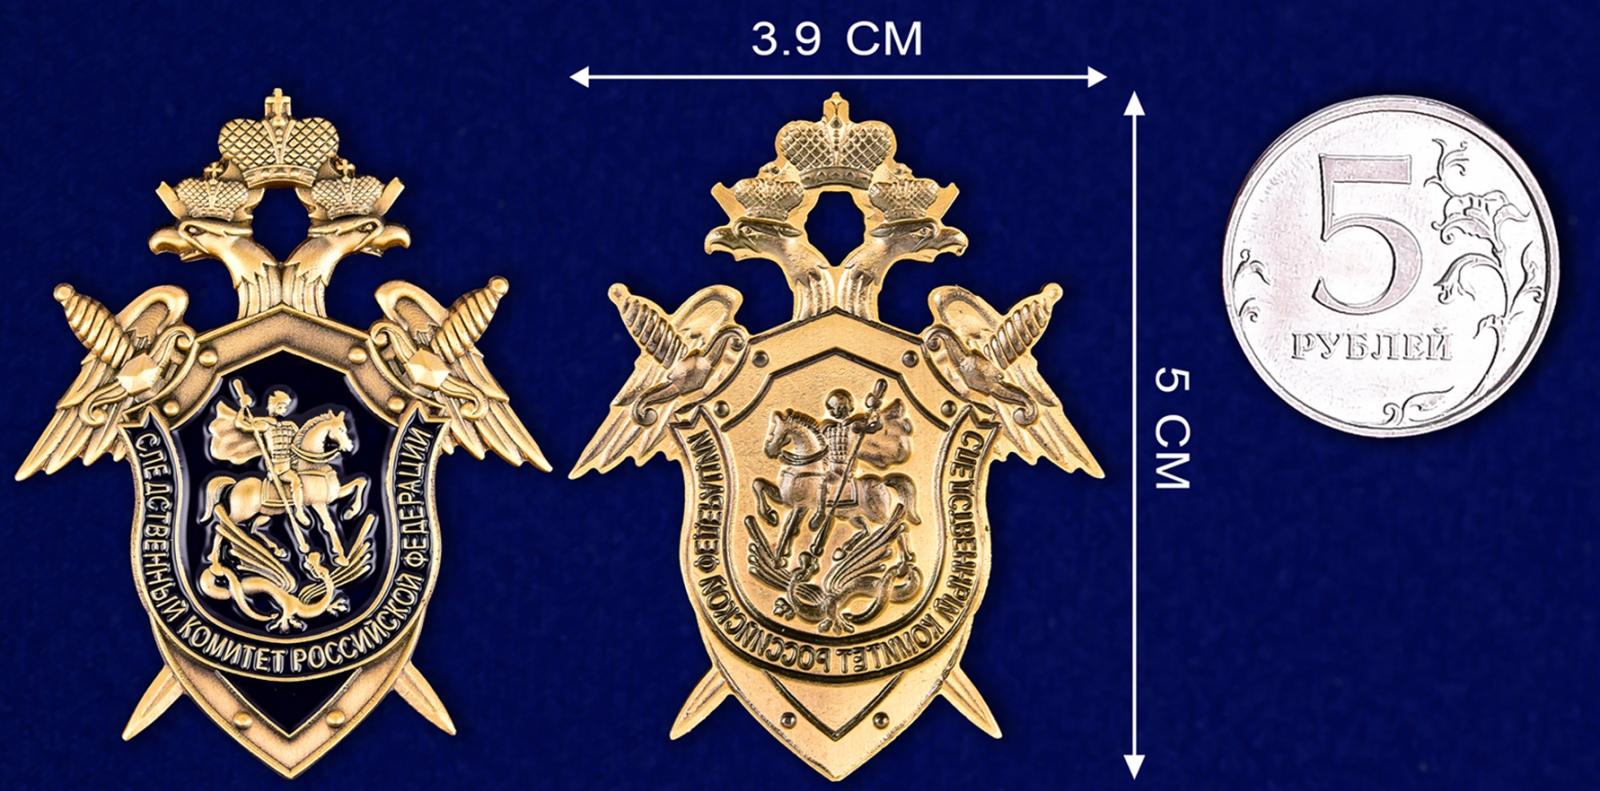 Жетон металлический «Следственный комитет Российской Федерации»-сравнительный размер